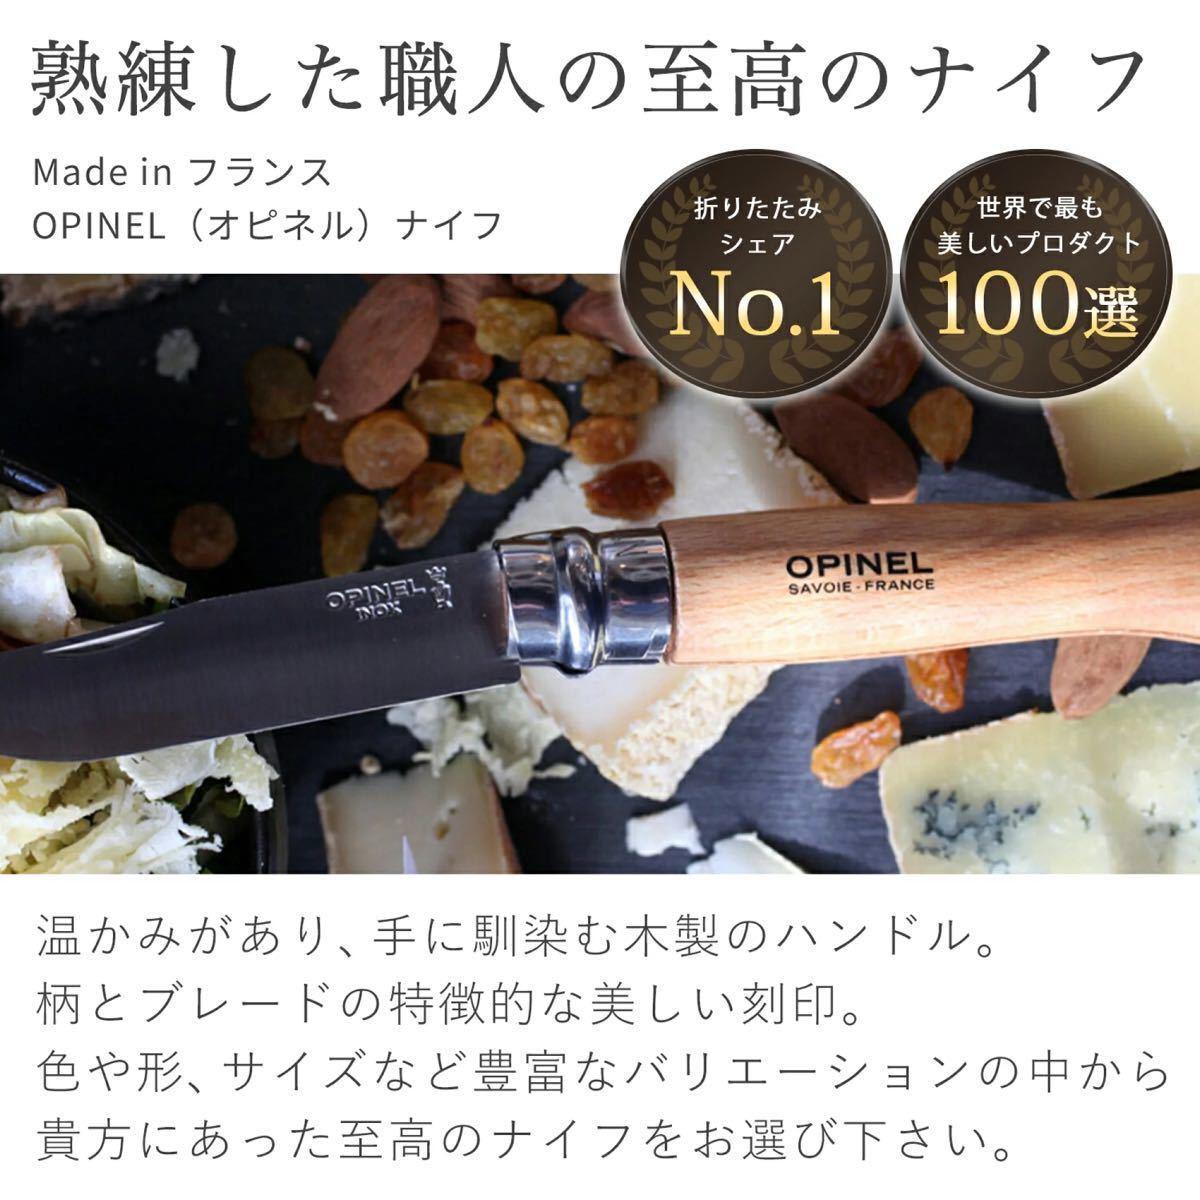 オピネルナイフ #9 9cm  新品 ソロキャンプに オススメ OPINEL サバイバルナイフ キャンピング